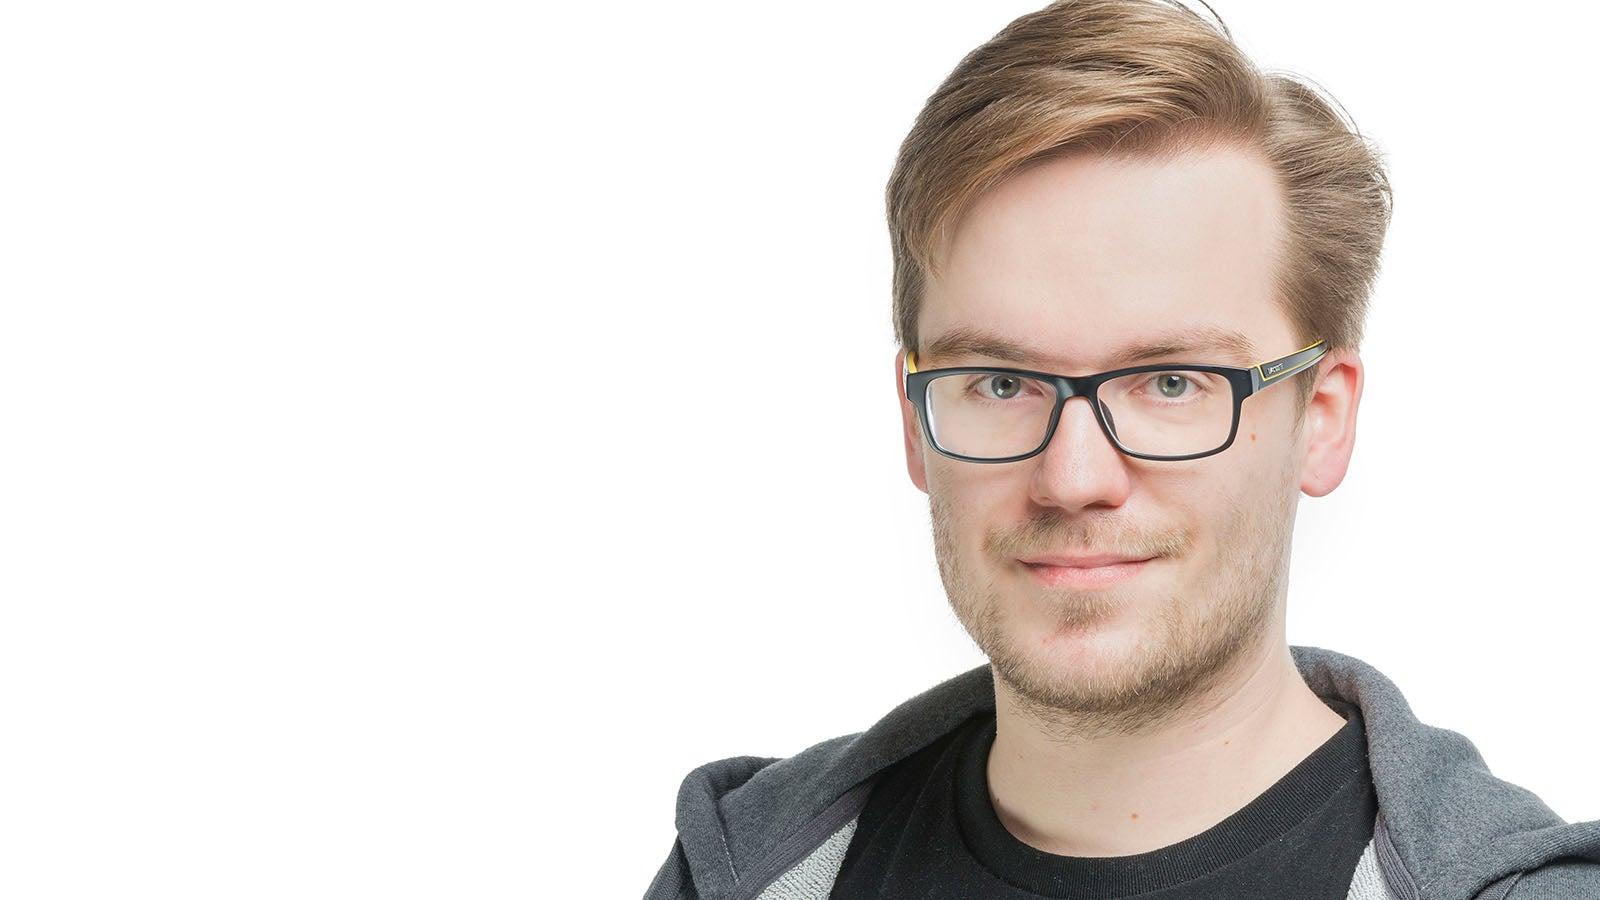 Julian Incko, Social Media Editor